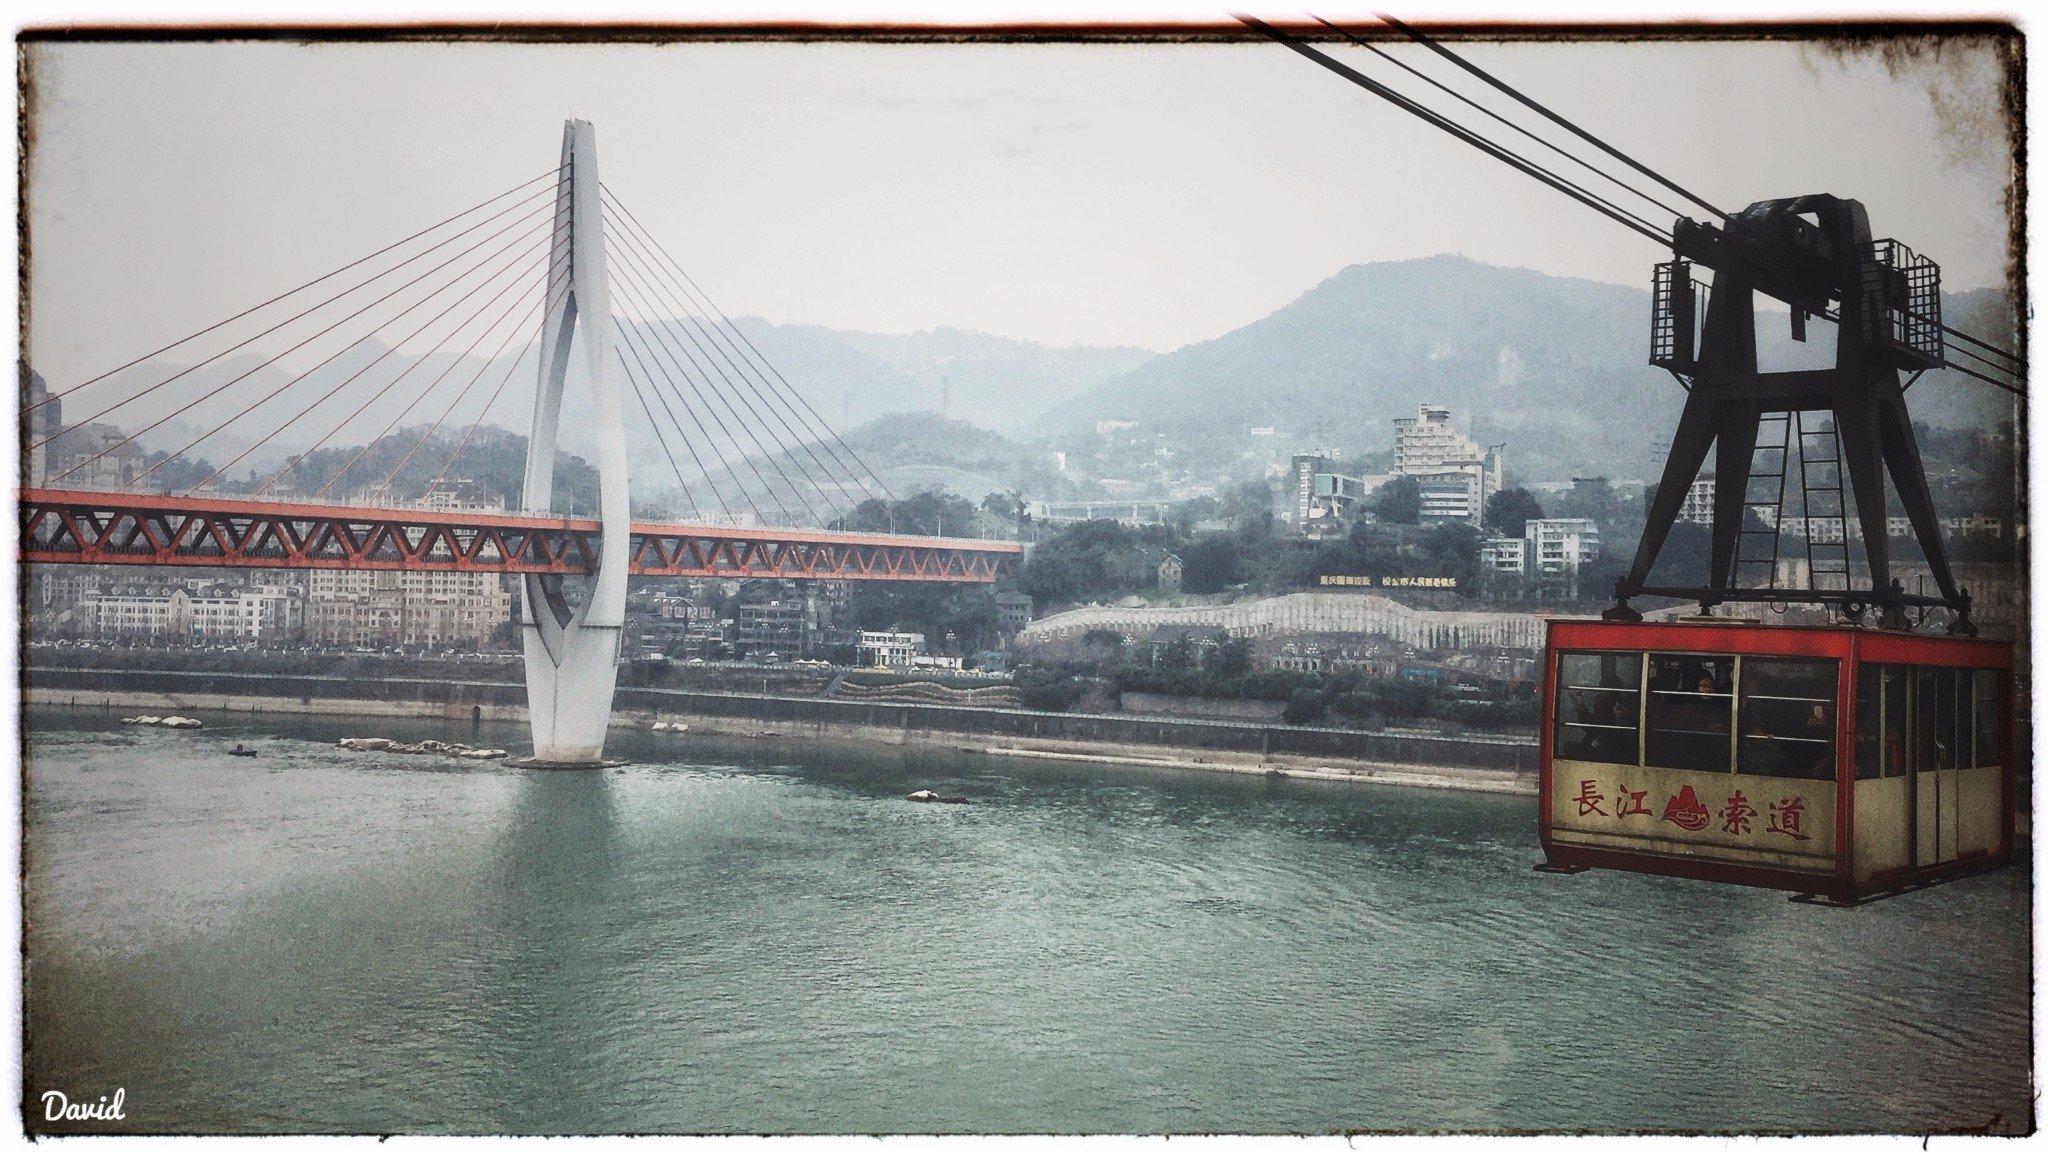 成都 重庆 《双城记》不容错过的精彩四川之旅